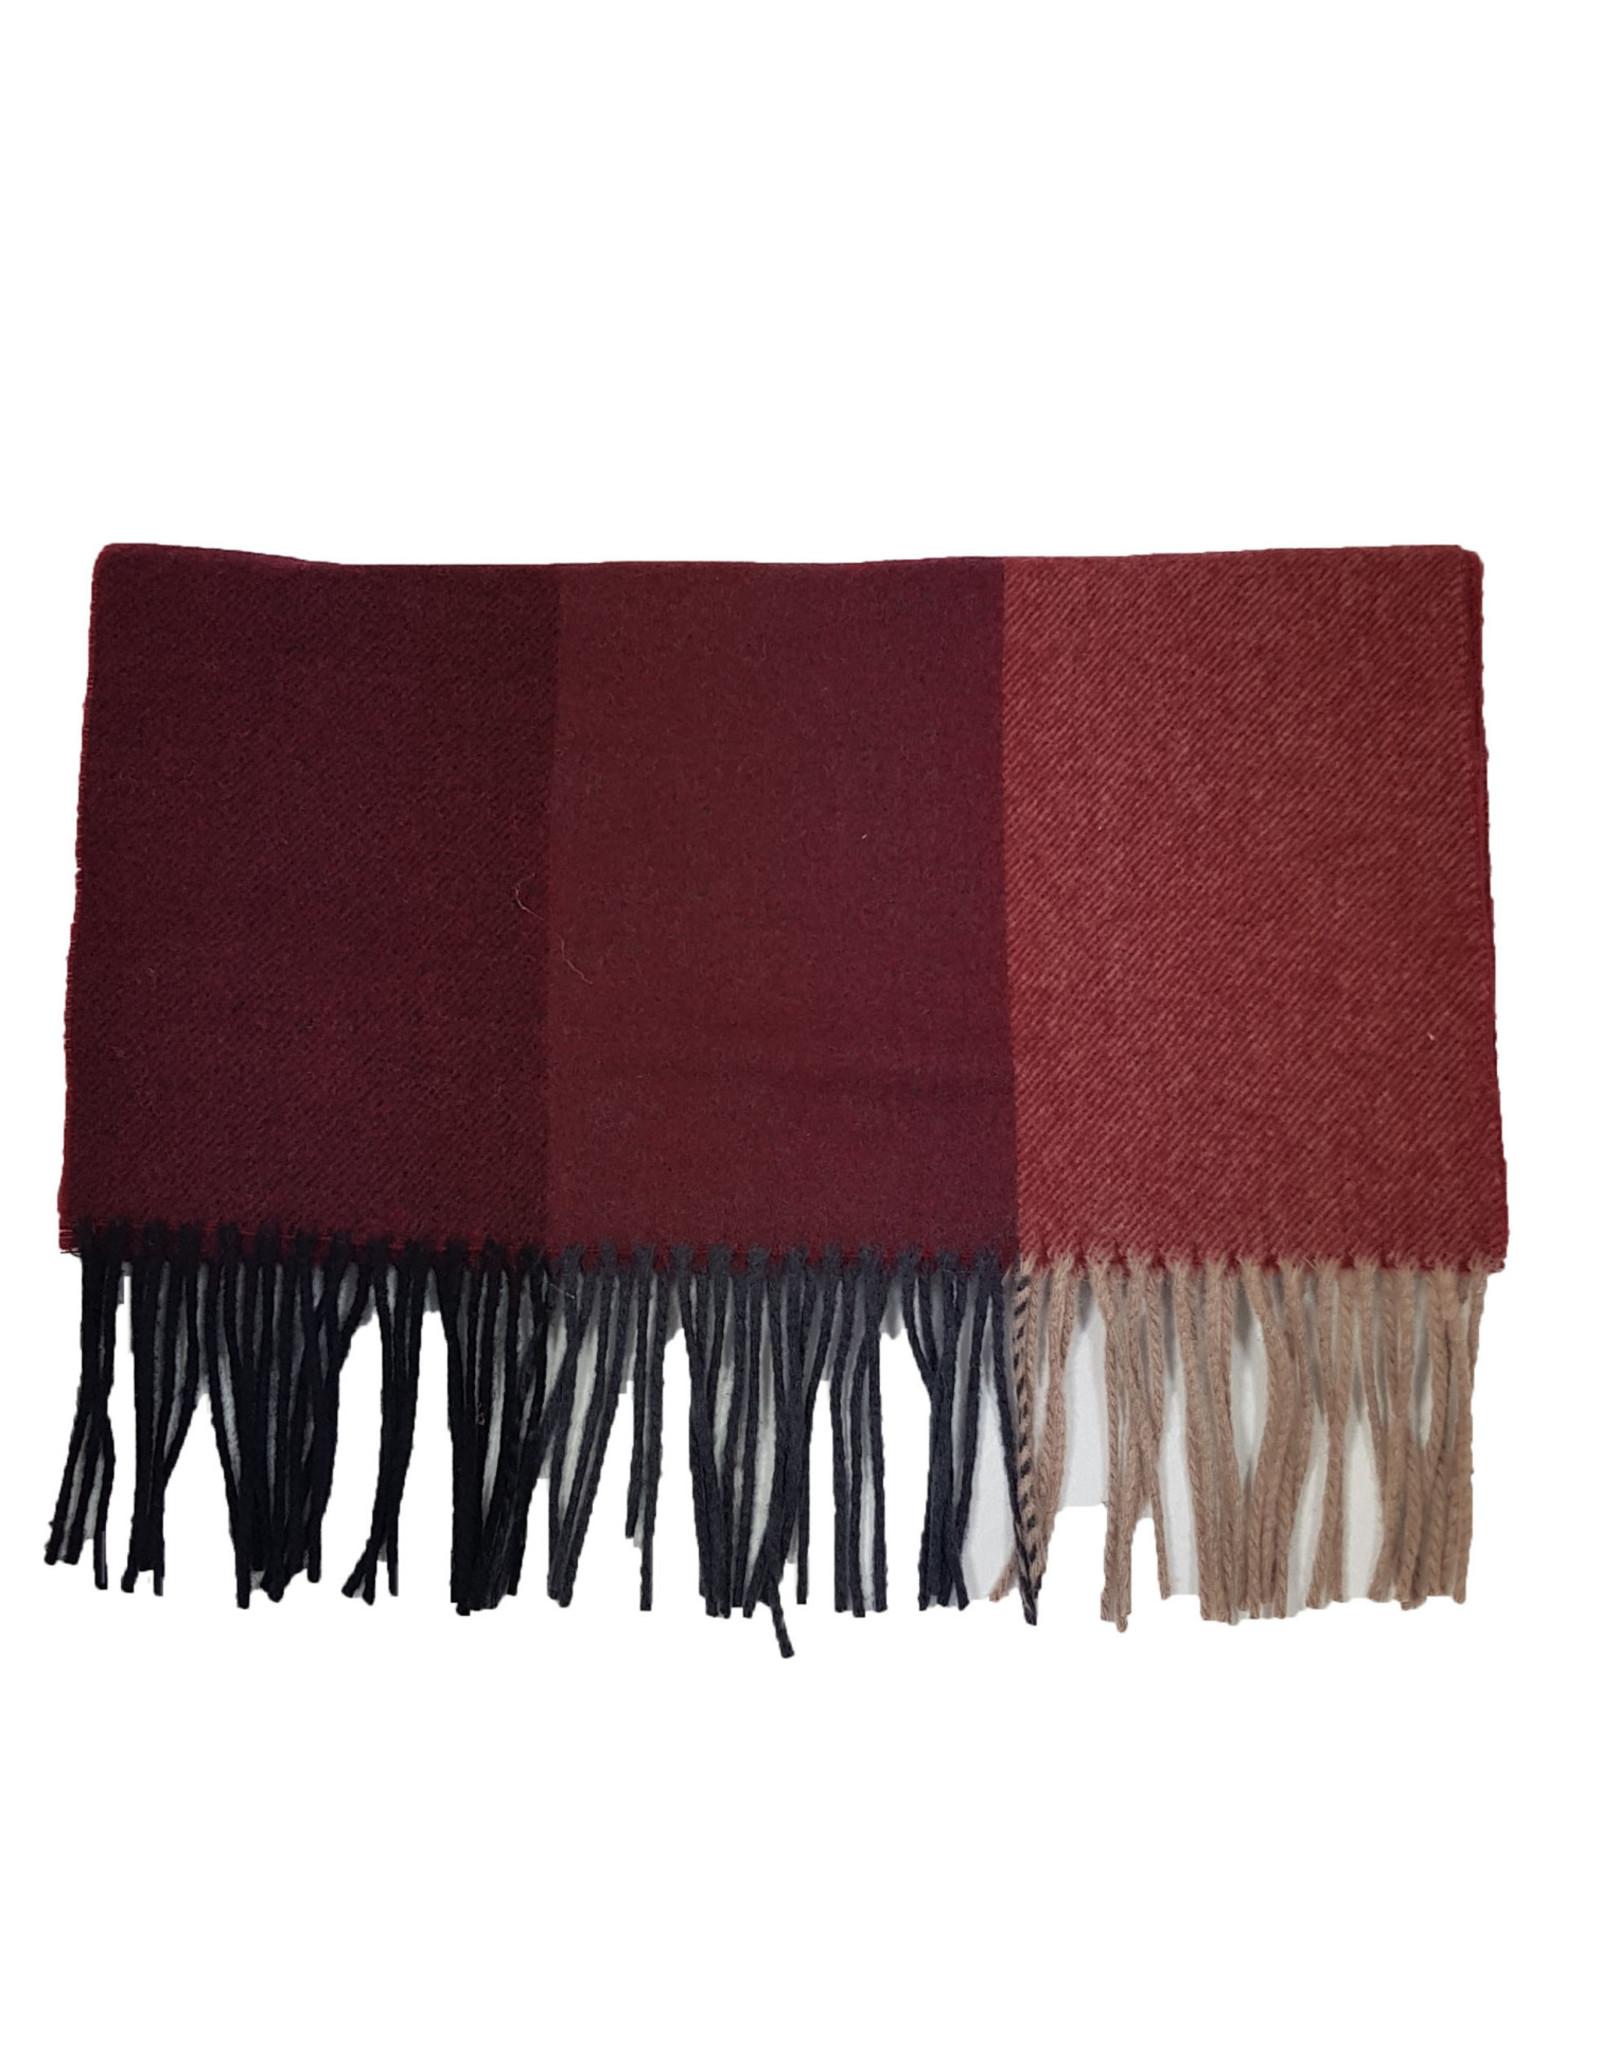 MA.AL.Bi MA.AL.BI sjaal bordeaux 136-103